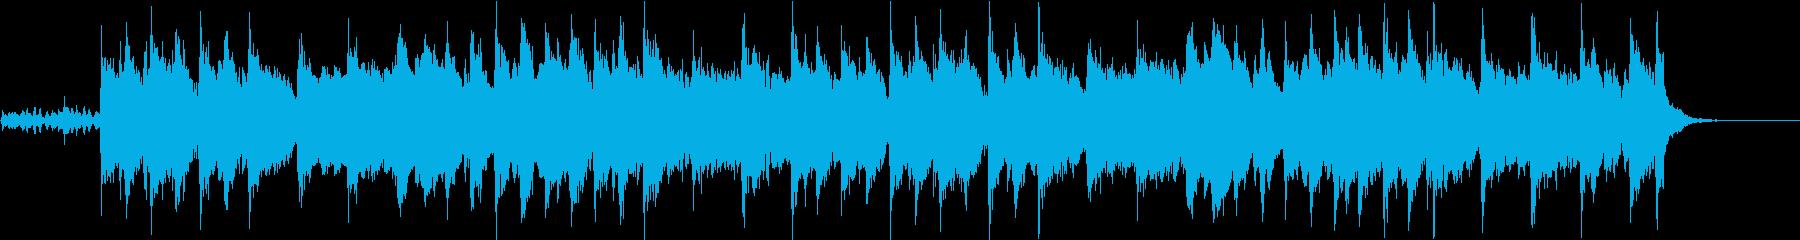 童謡「雪」(ゆきやこんこ)オーケストラ風の再生済みの波形